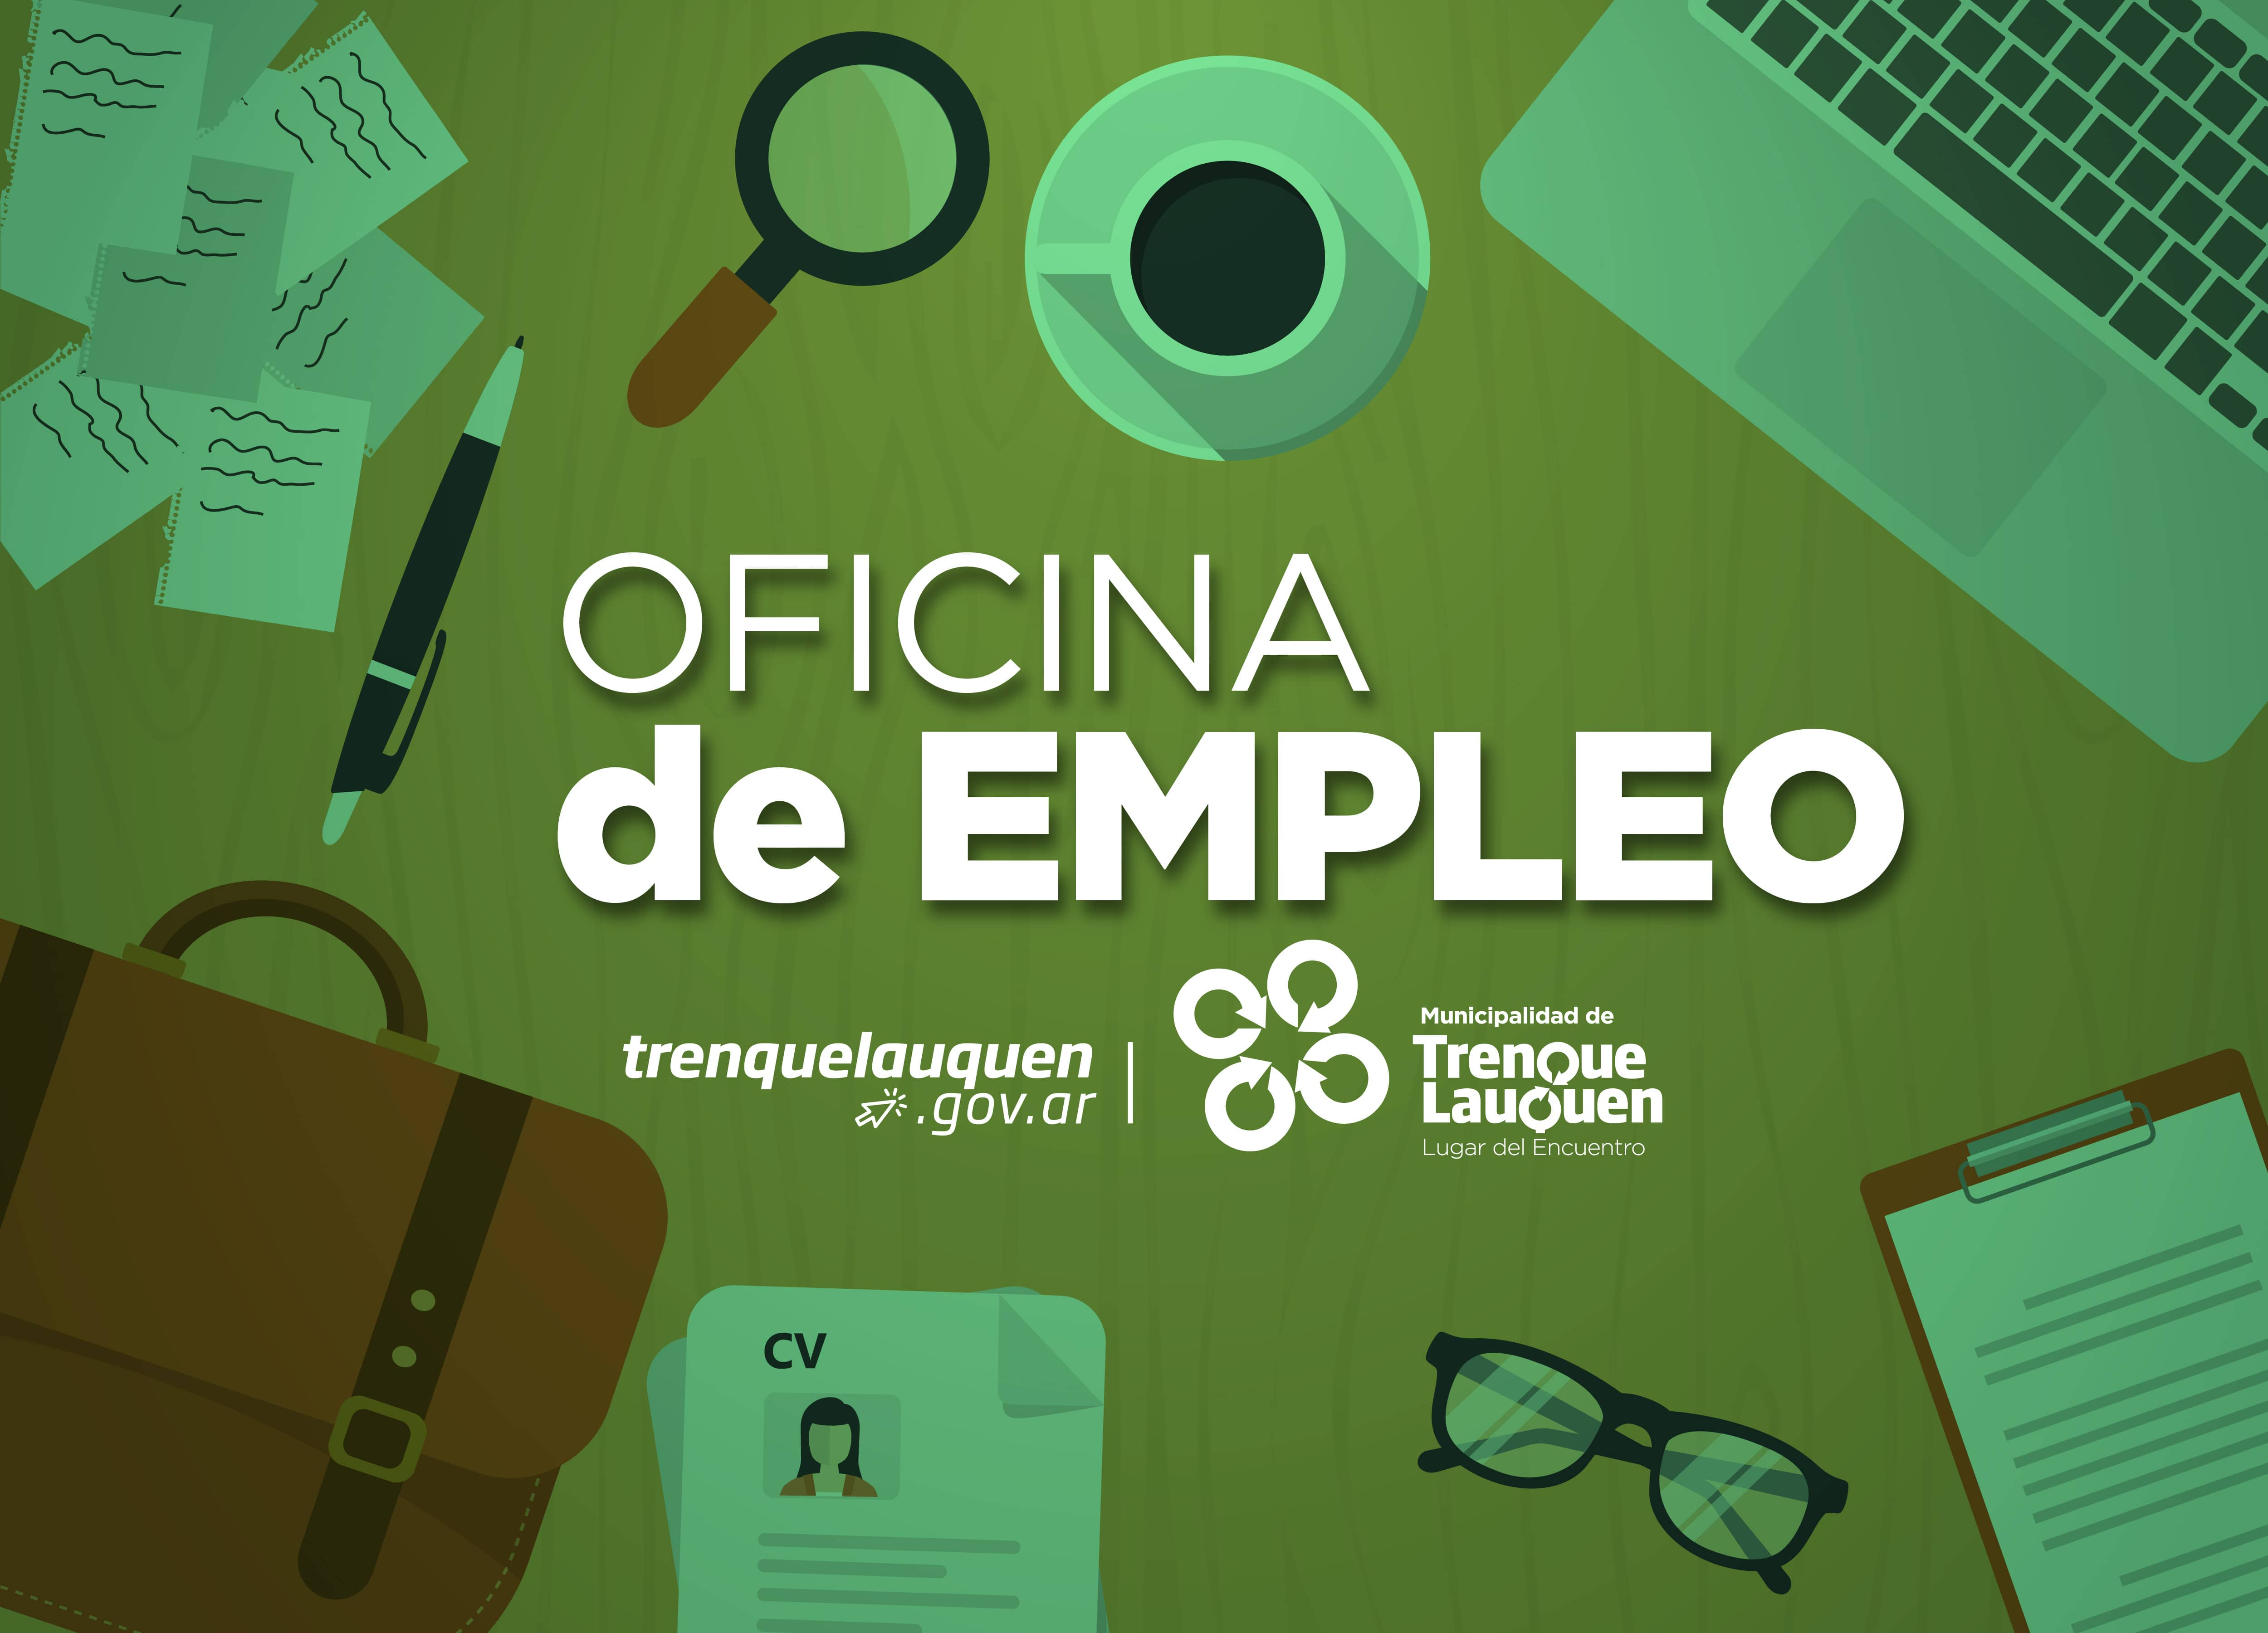 Oficina de empleo 4 municipalidad de trenque lauquen for Oficina de empleo lalin